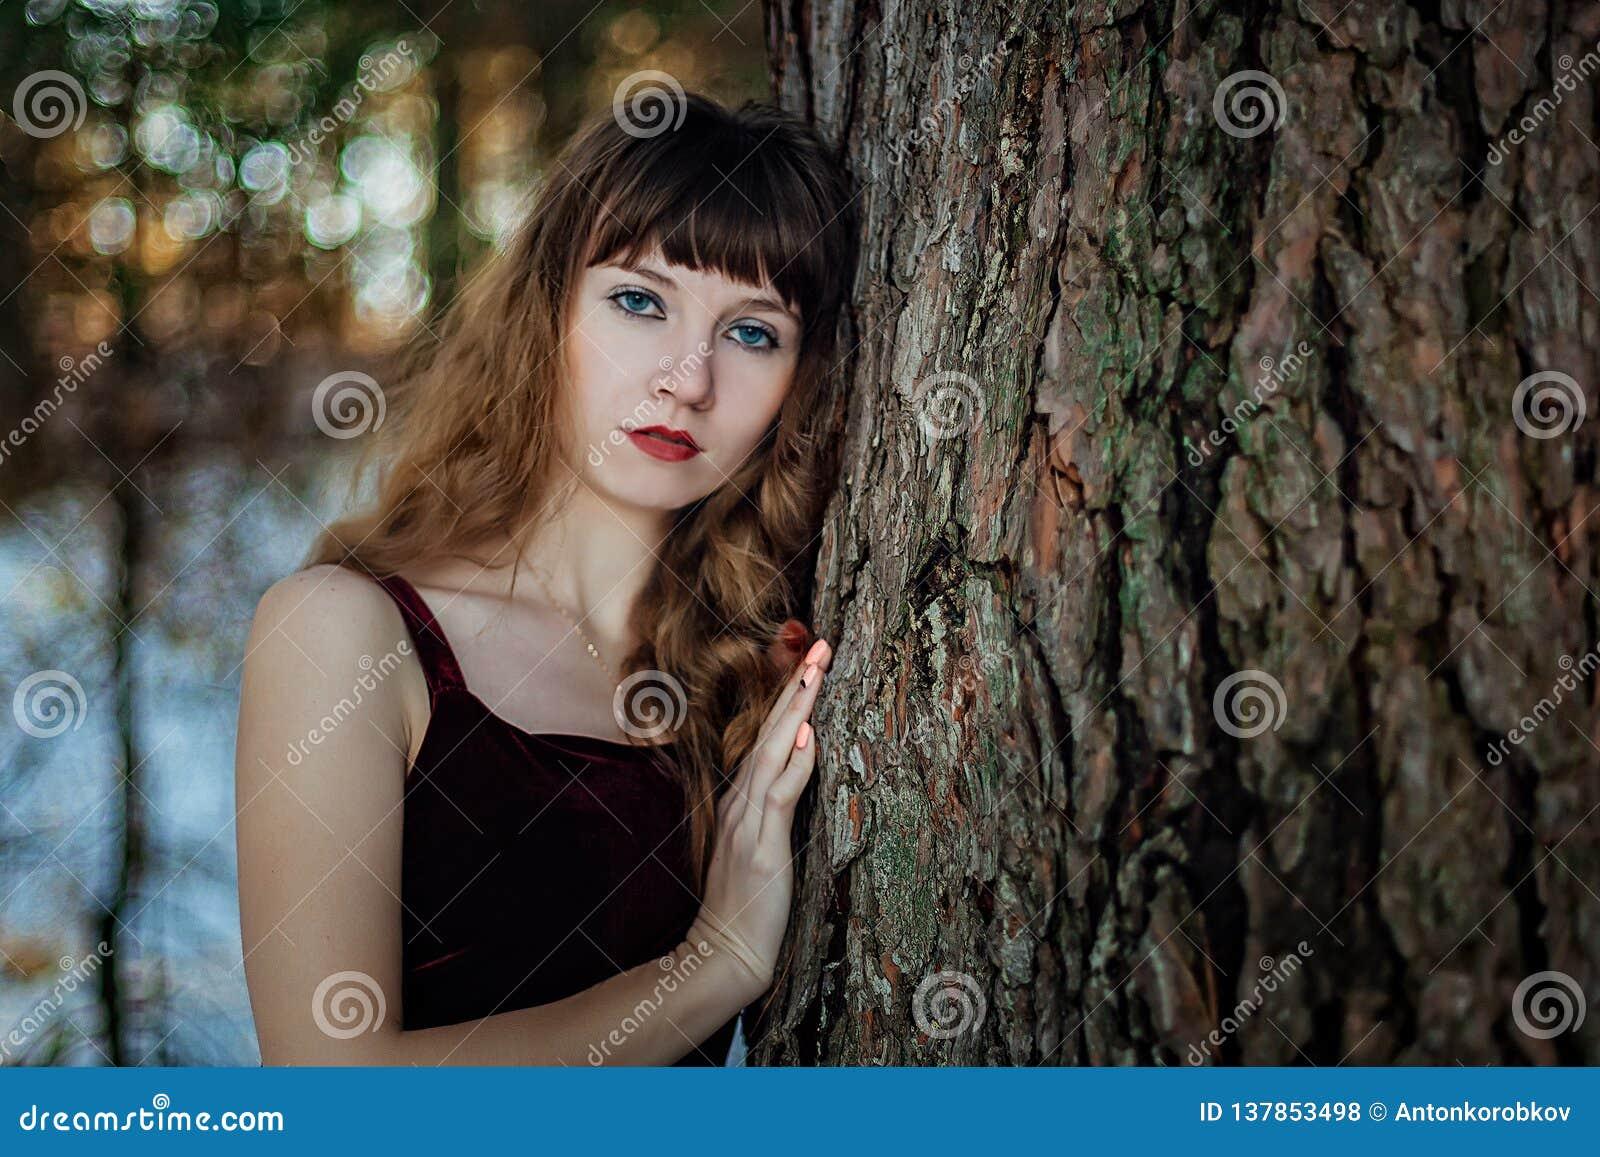 Portret van een mooi meisje in een donkere lange kleding die zich alleen onder de bomen in het de winterbos bevindt